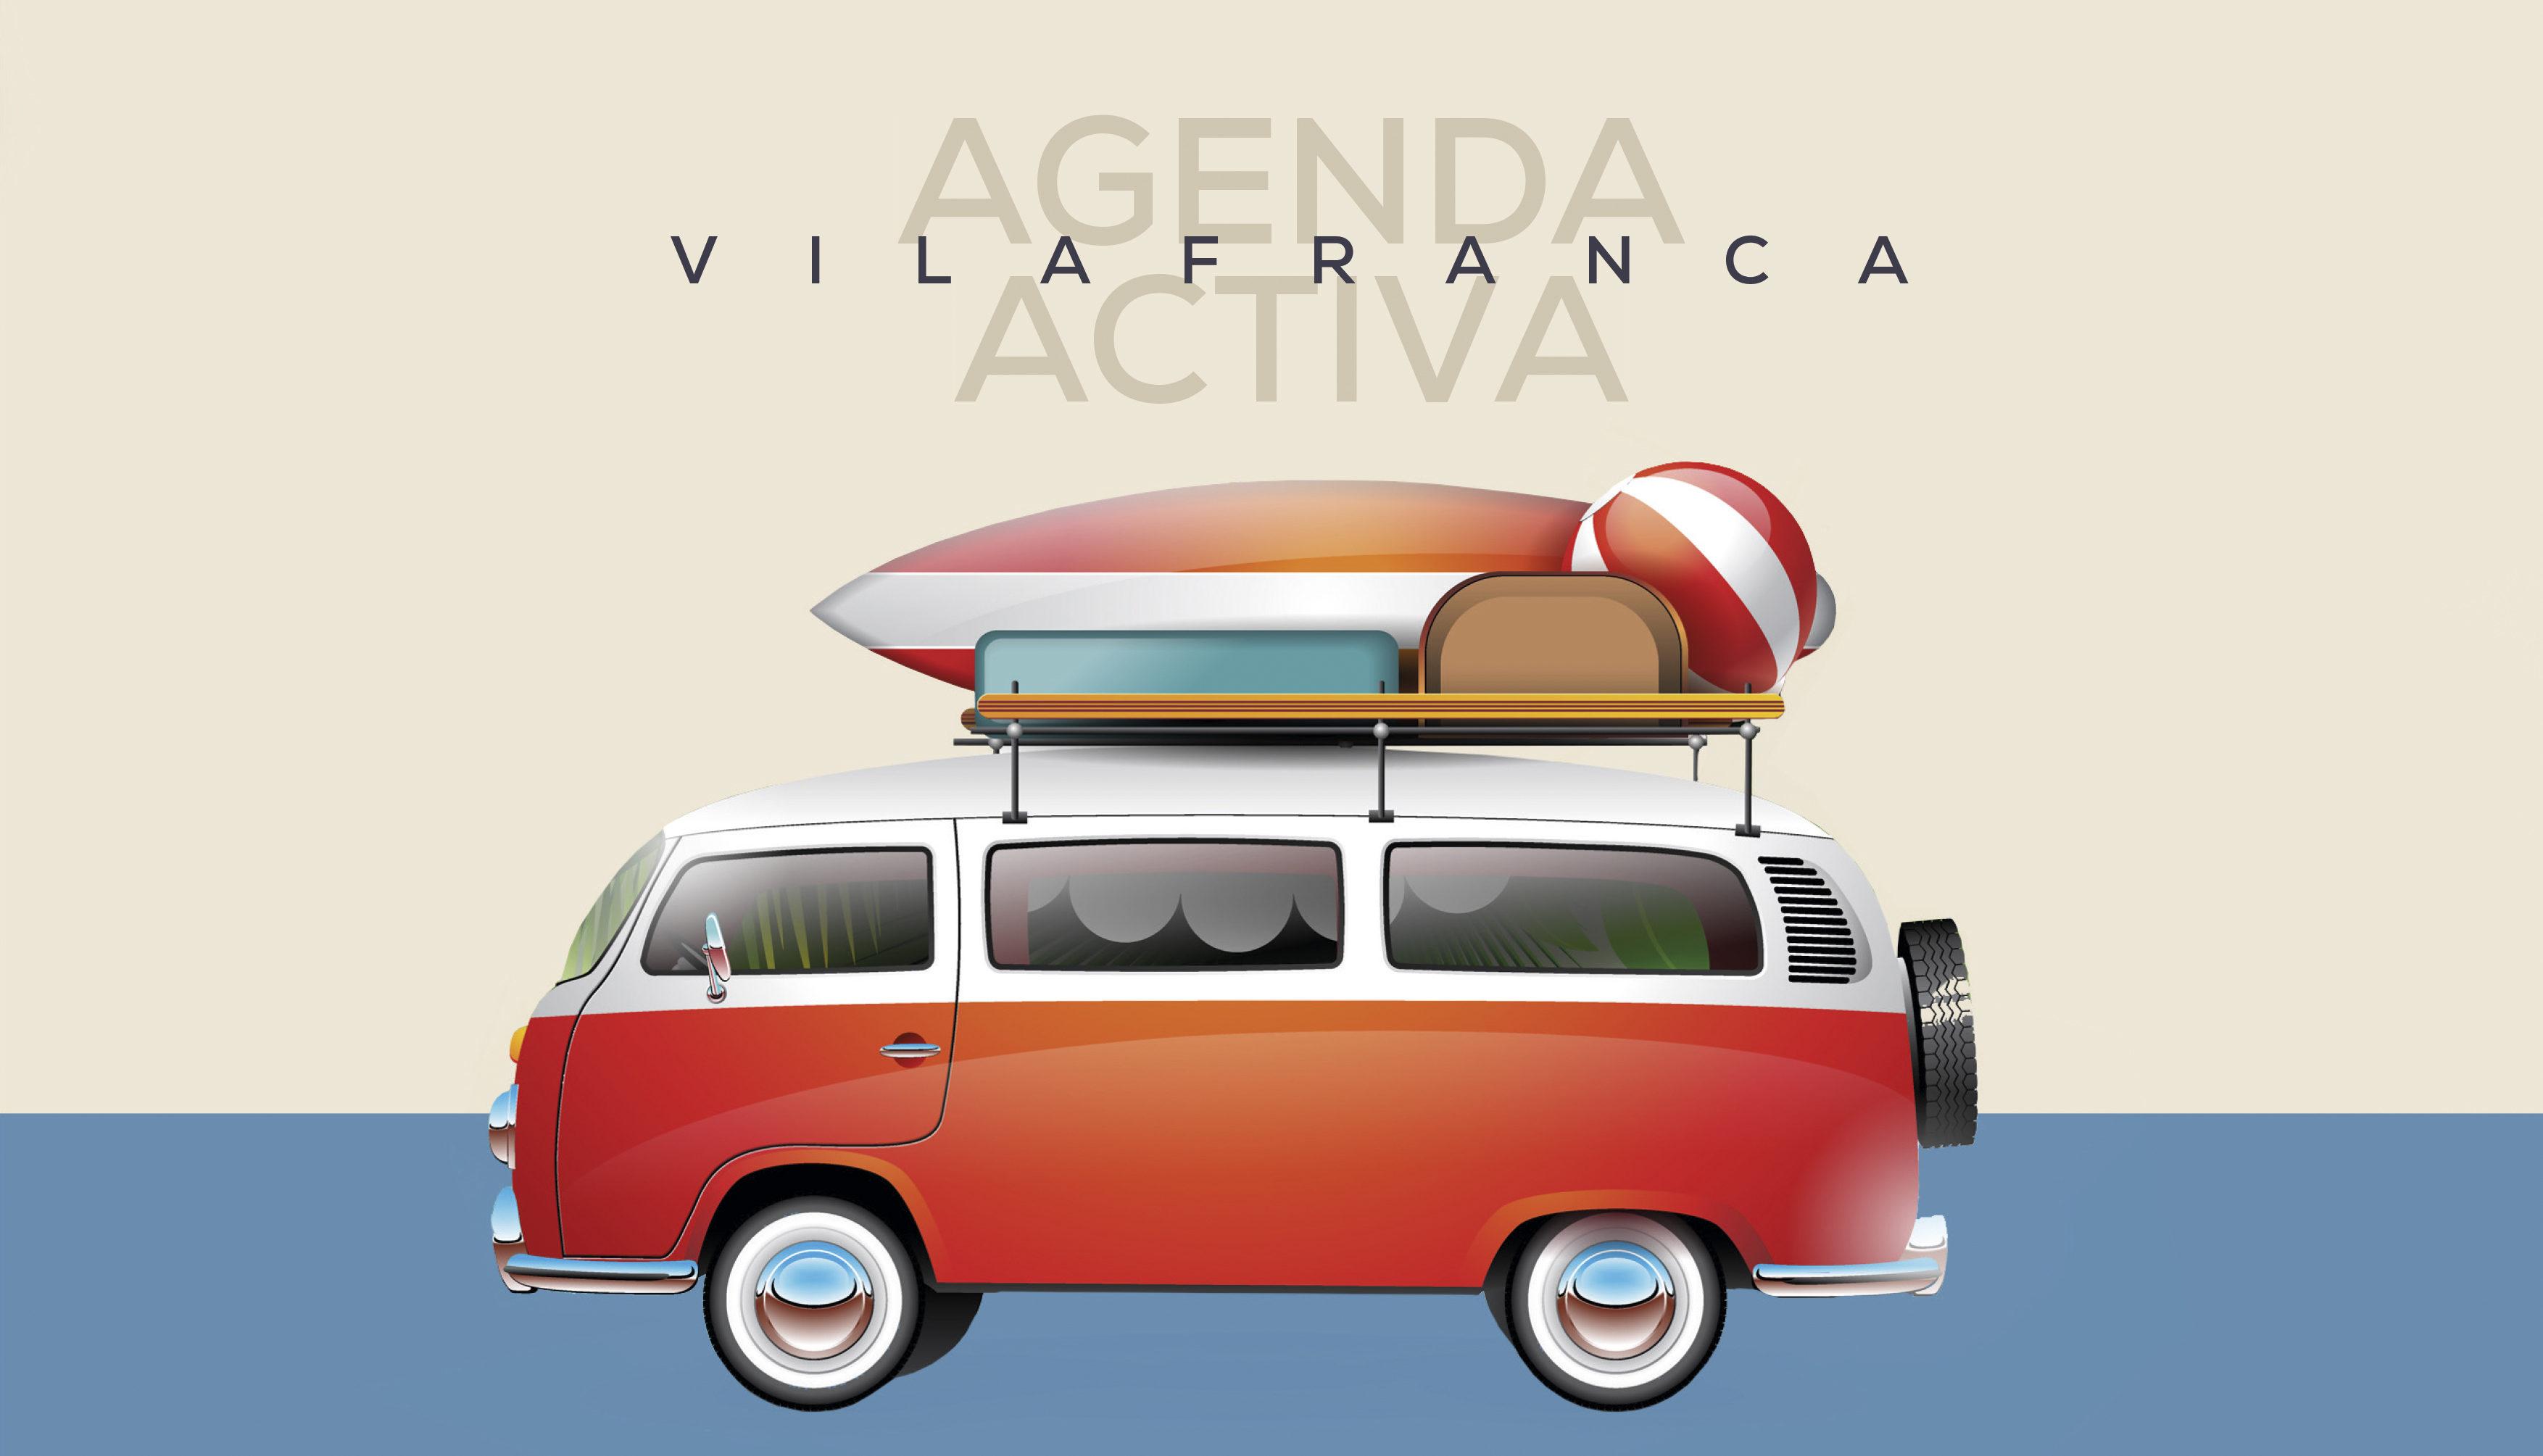 Vilafranca programa un juliol ple d'activitats